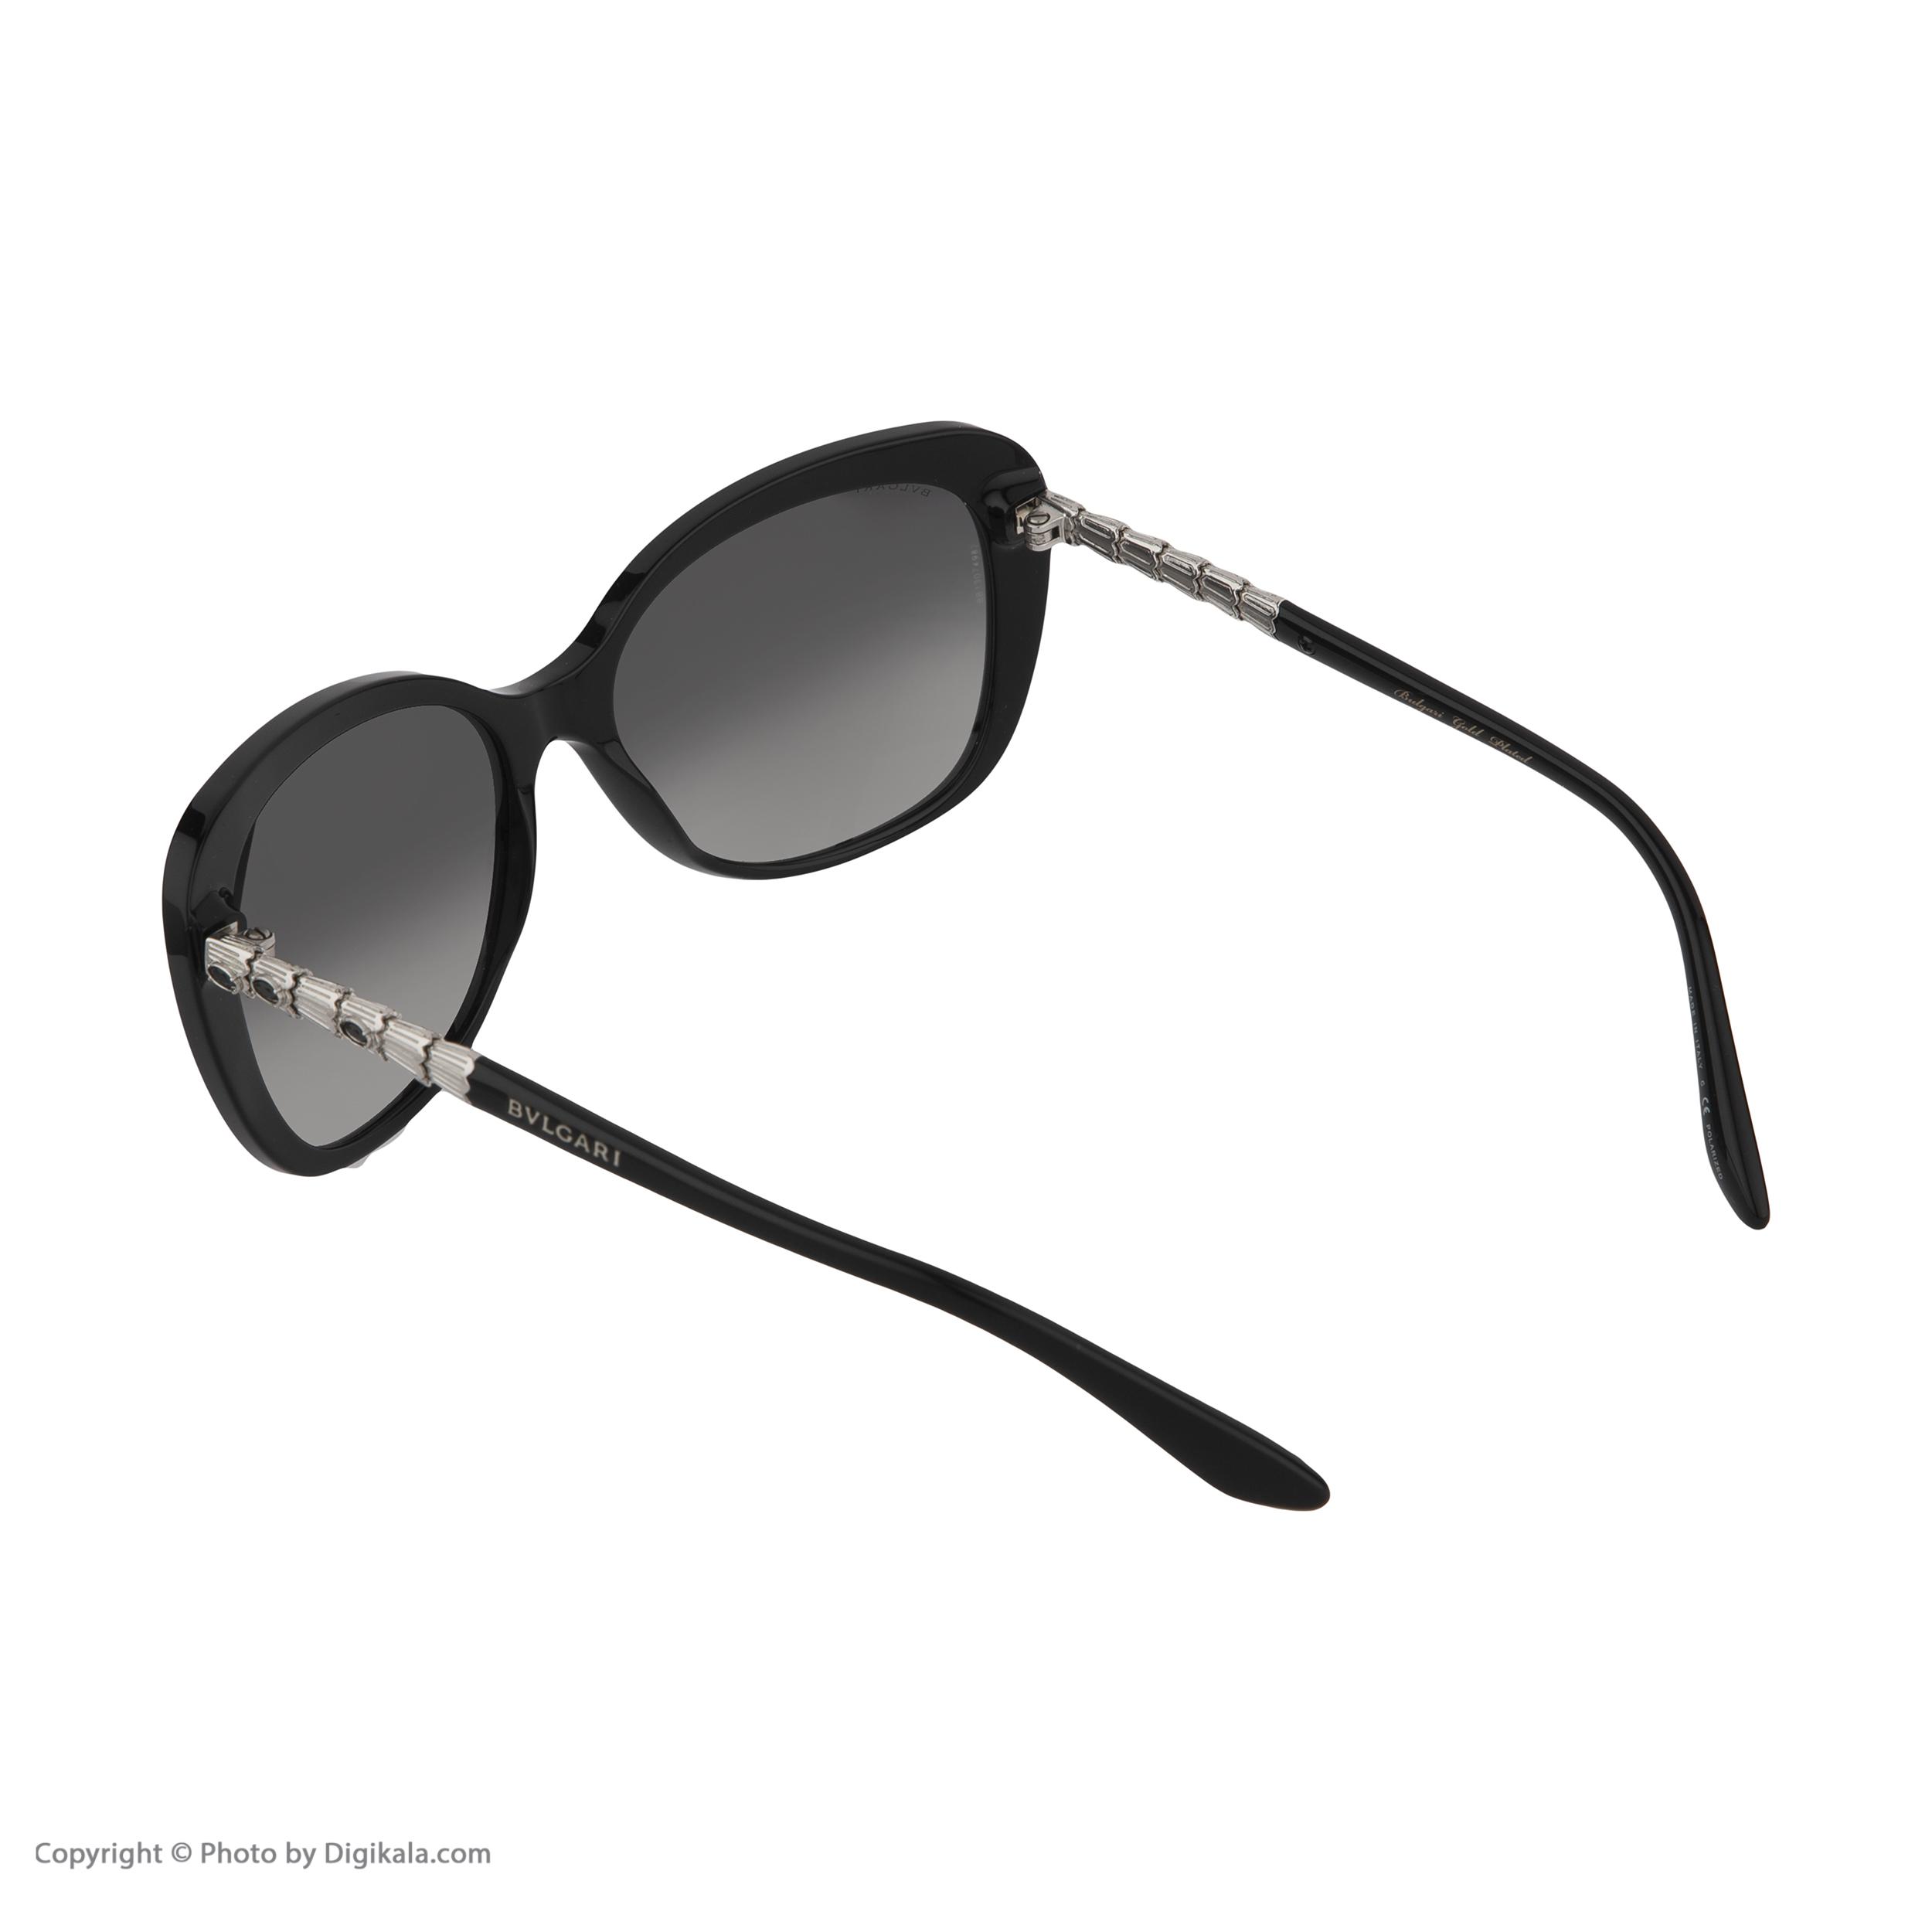 عینک آفتابی زنانه مدل BV8179K 5190T3 -  - 5